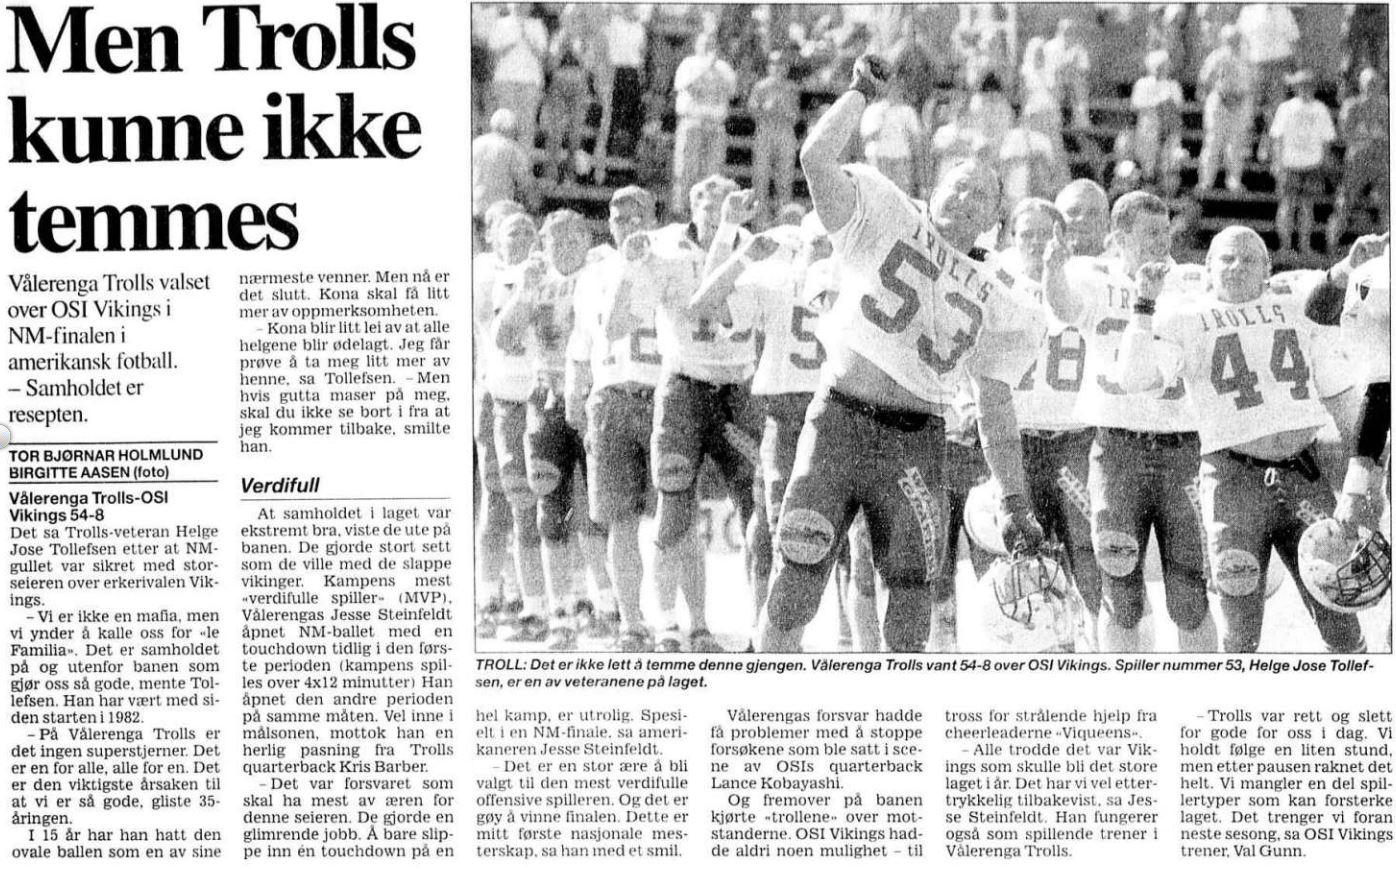 NM-finale 1997 - Troll kunne ikke temmes